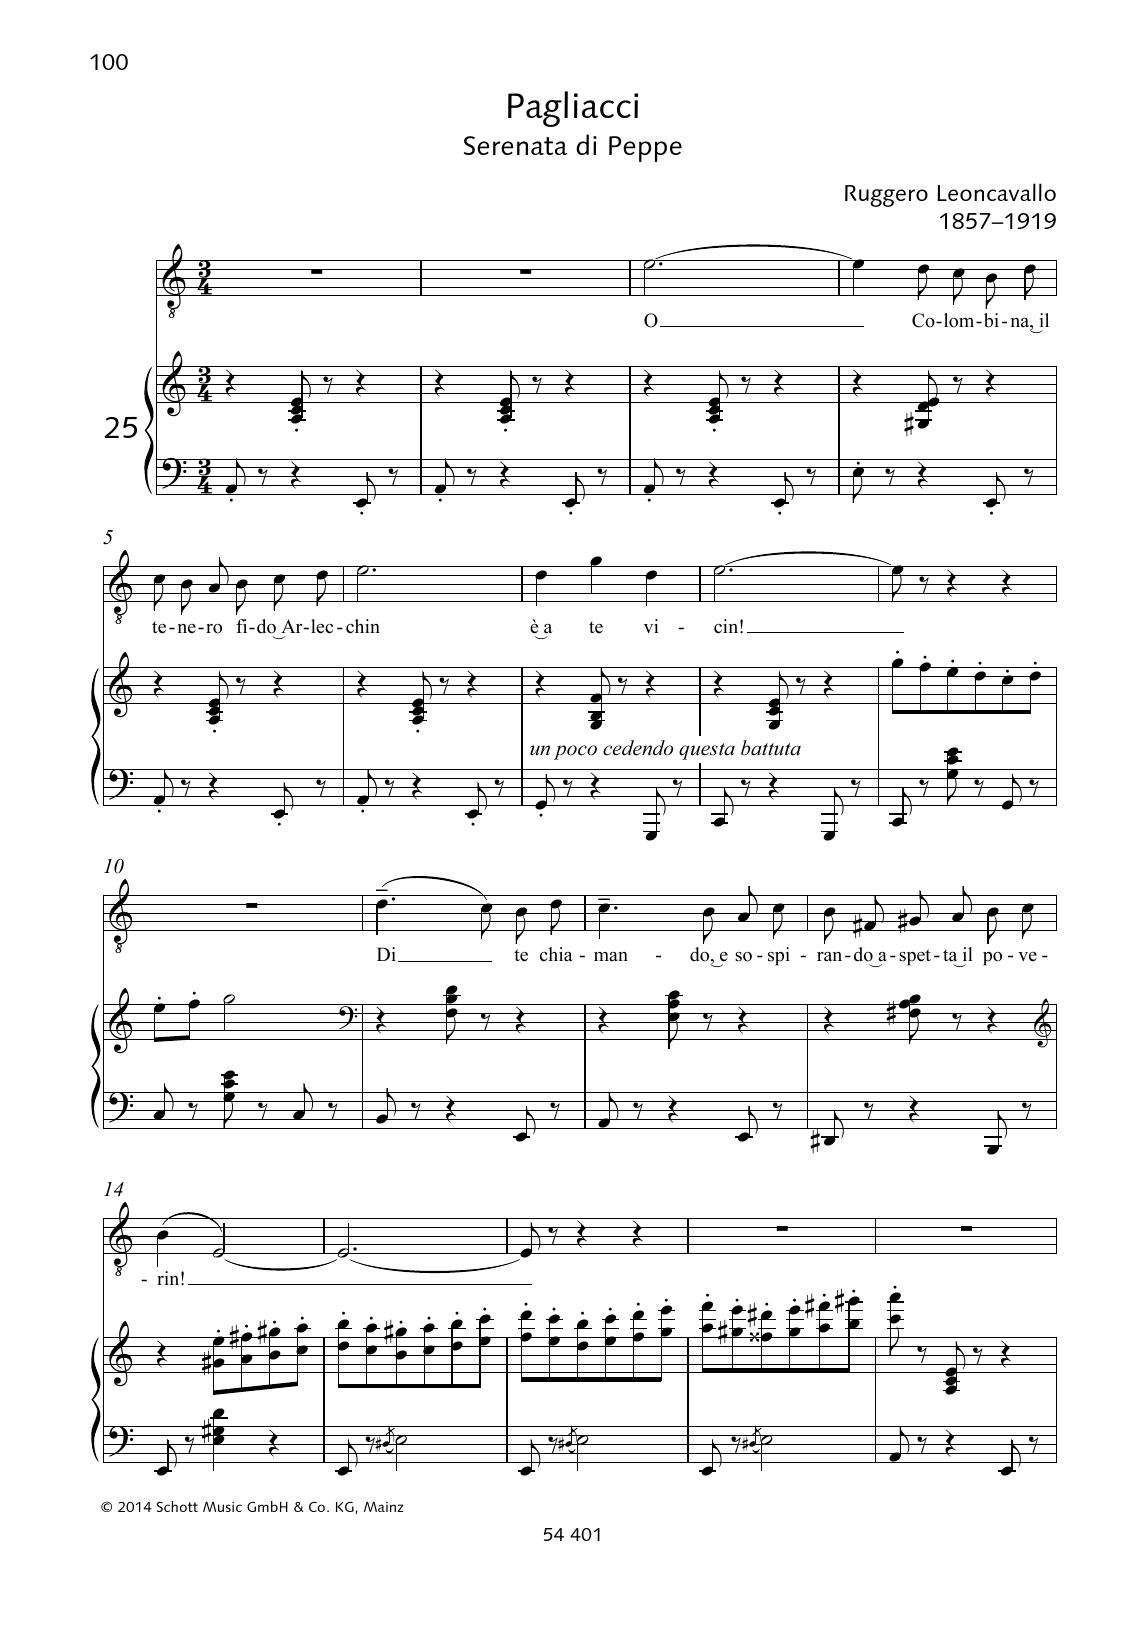 O Colombina, il tenero fido Arlecchin Sheet Music